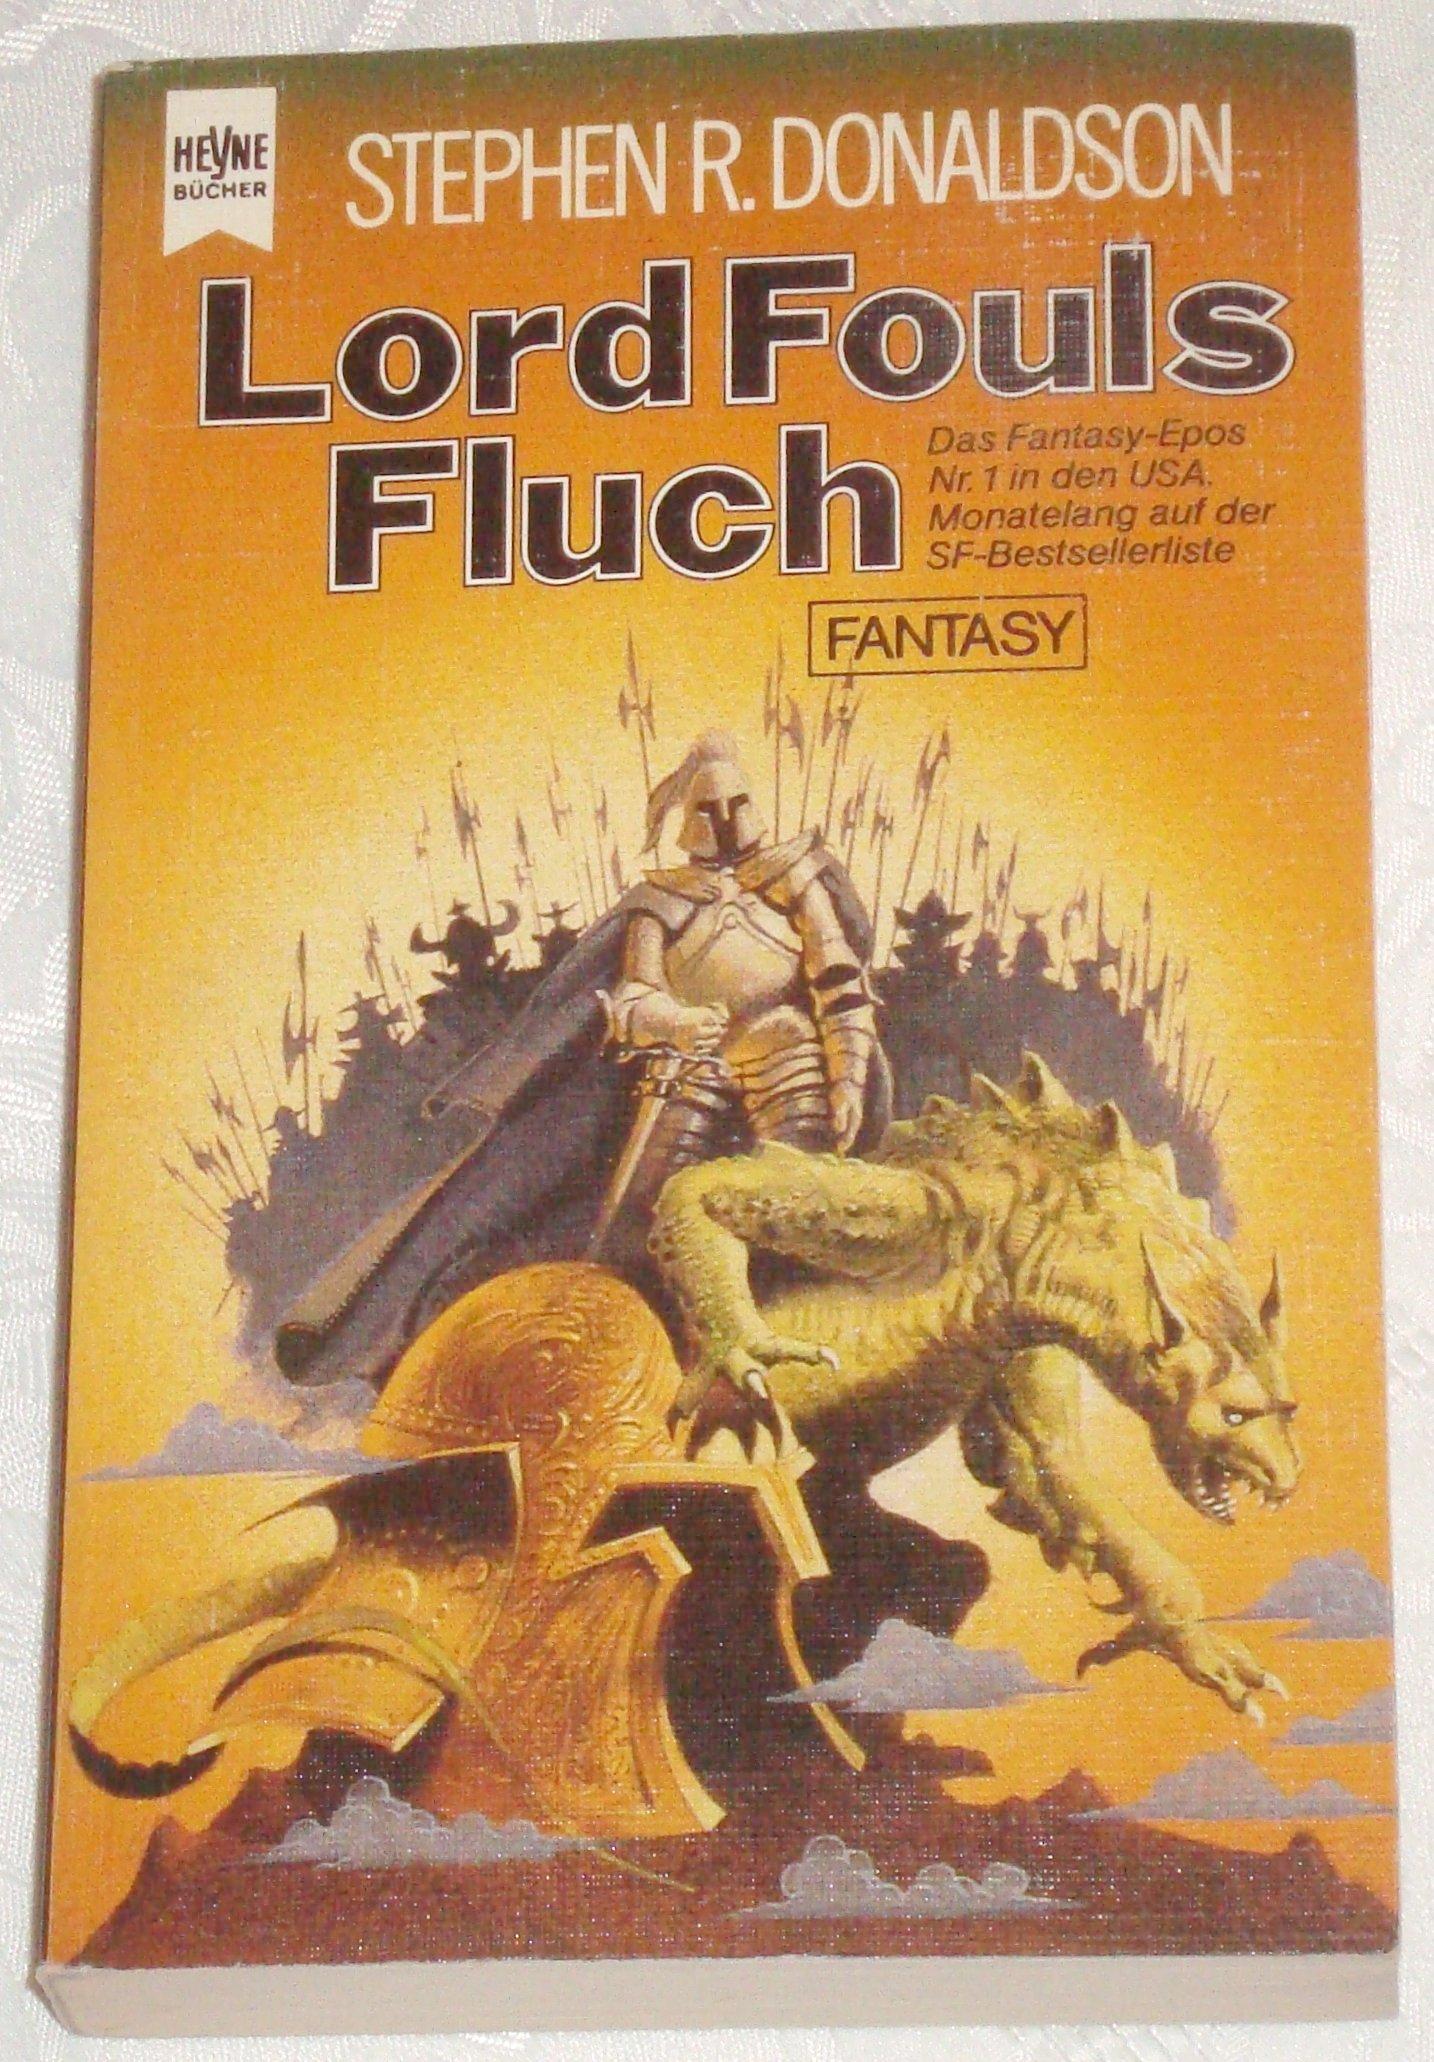 Stephen R. Donaldson - Lord Fouls Fluch (Die erste Chronik von Thomas Covenant dem Zweifler, Band 1)